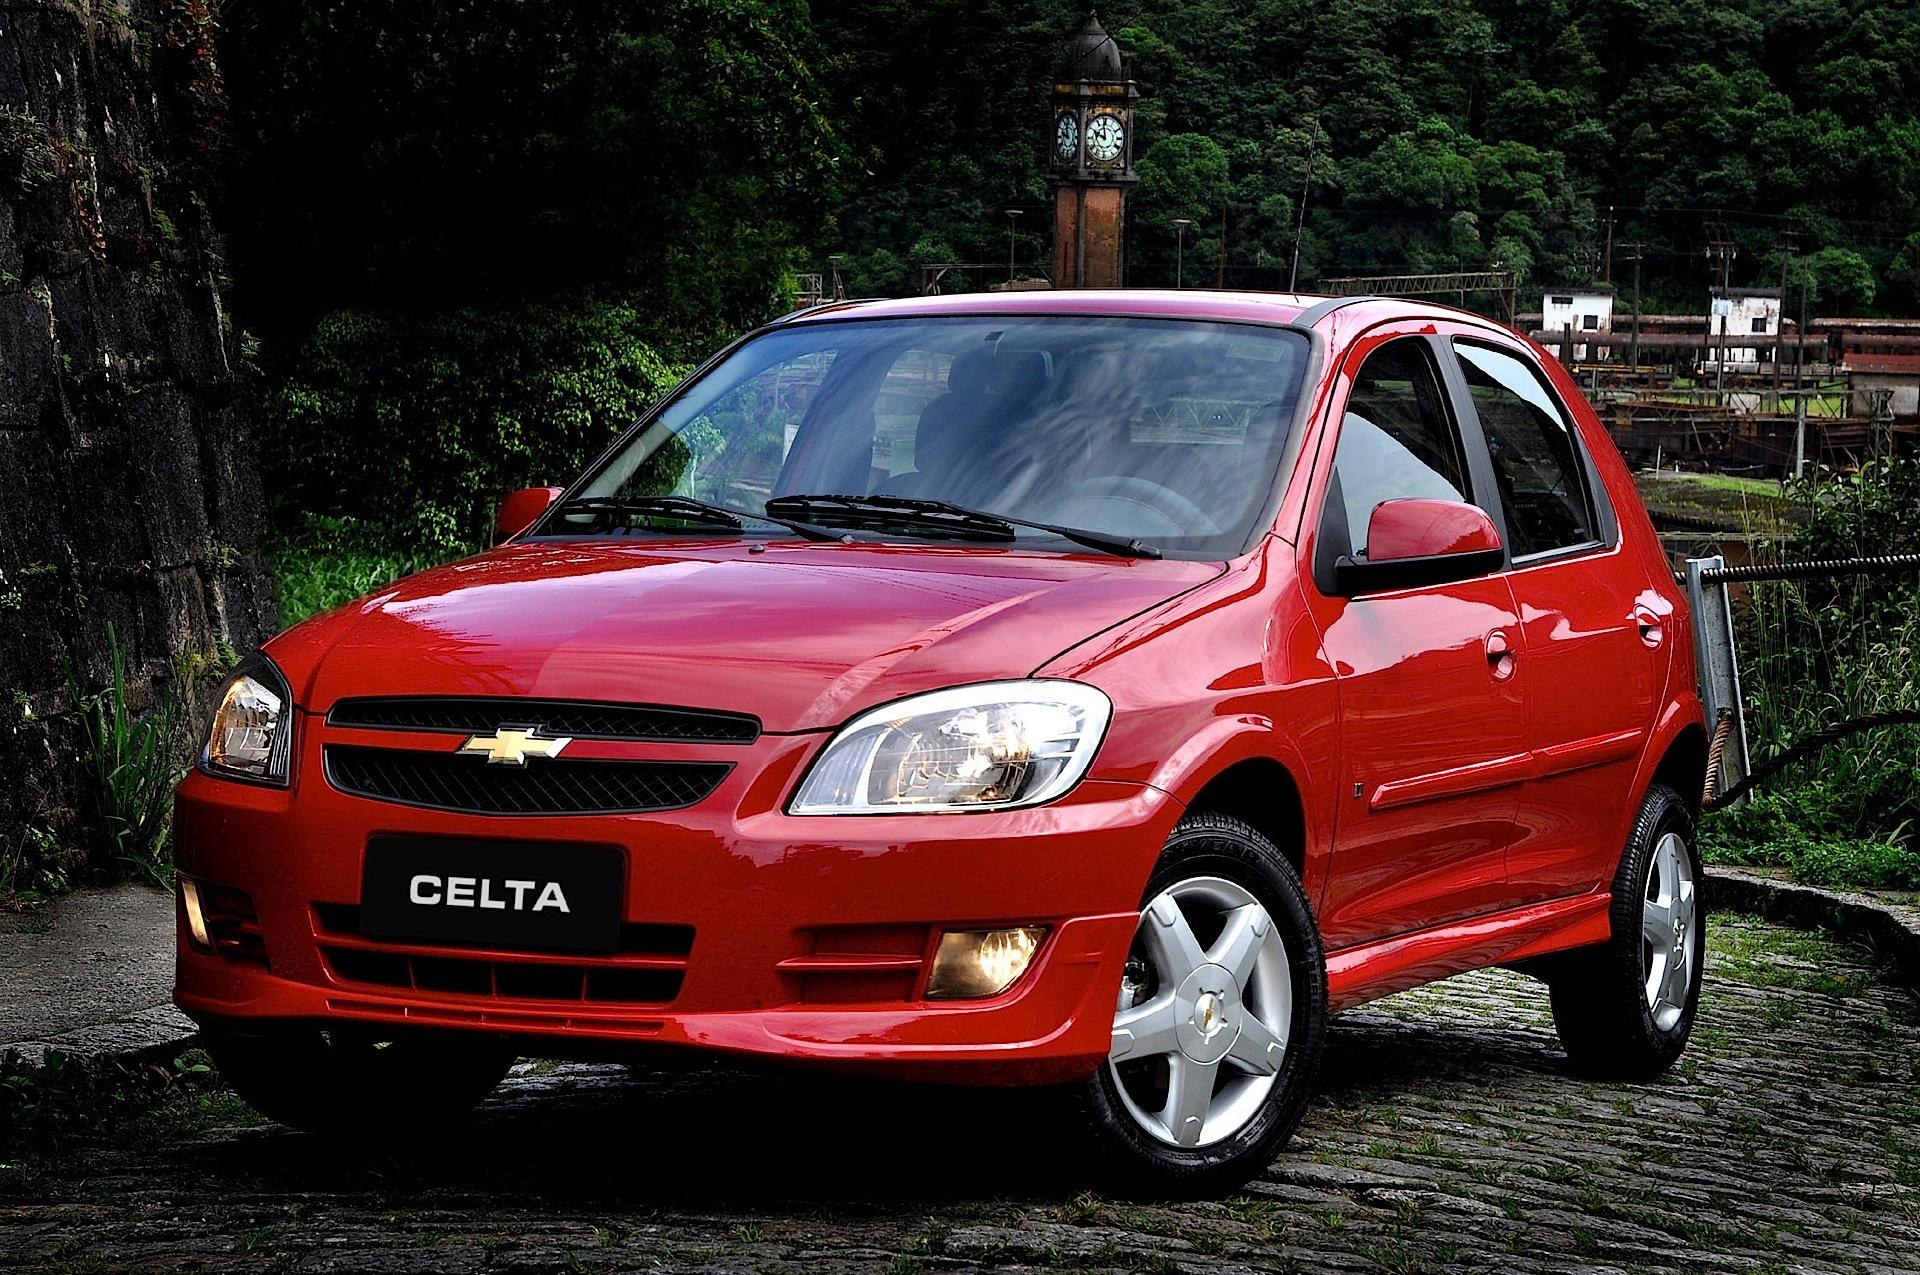 Chevrolet Celta - 3 Doors